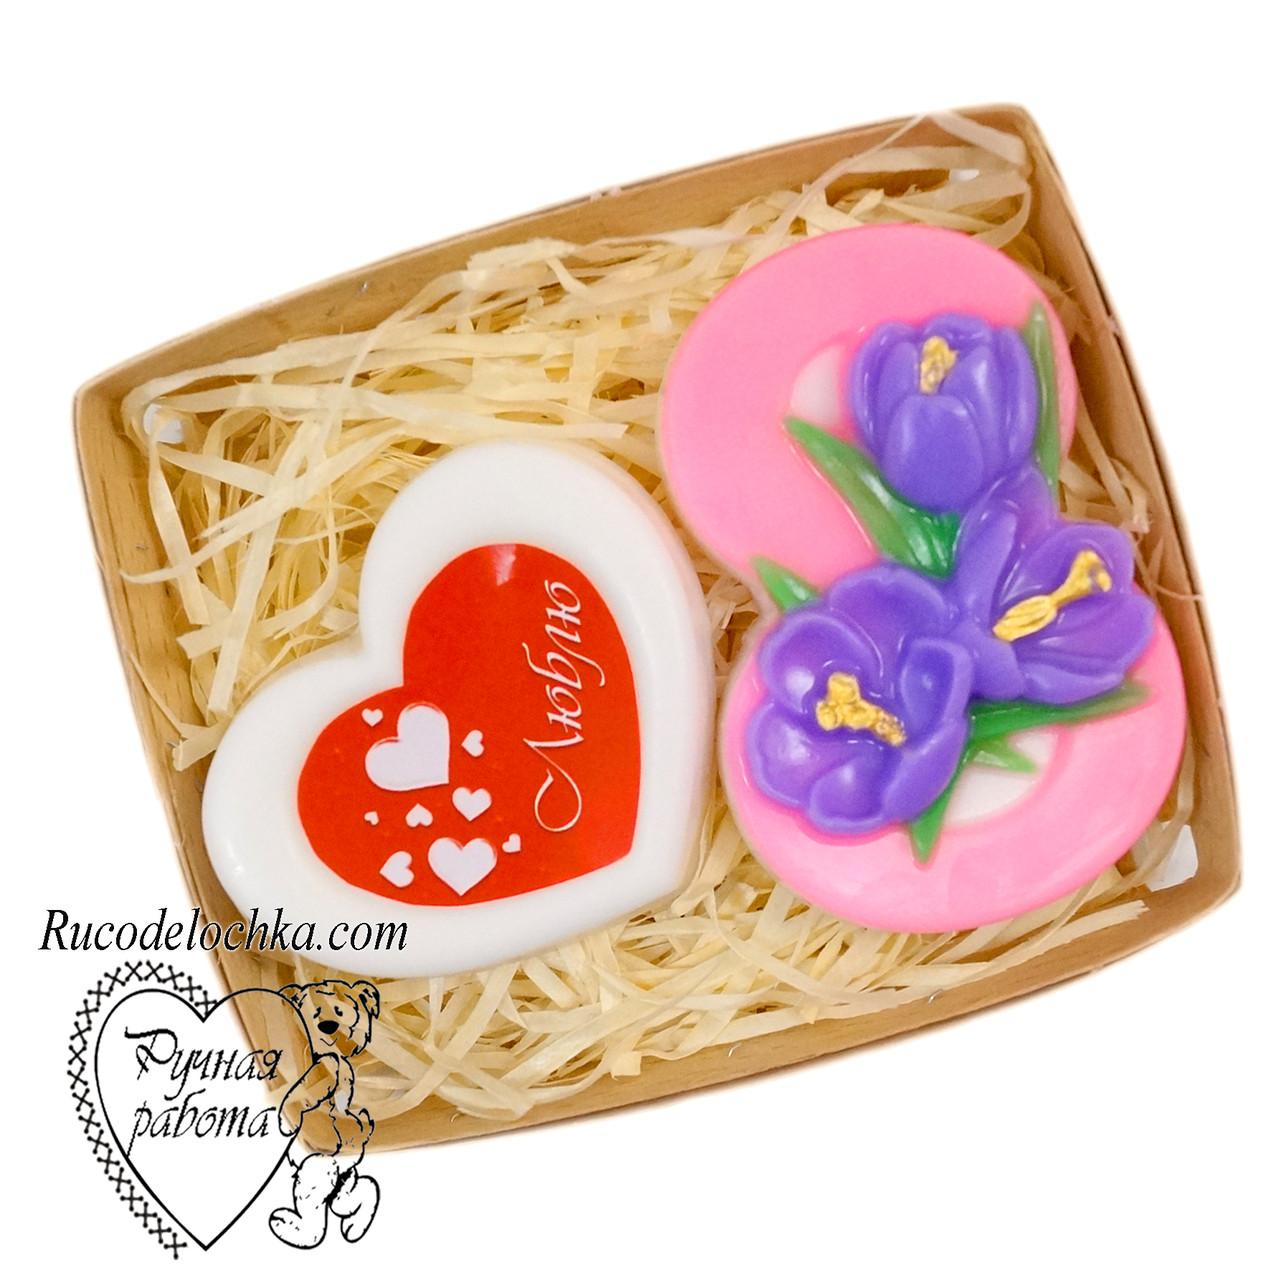 Мило набір 8 березня, вісімка, серце Люблю, подарунок жінці, ручна робота